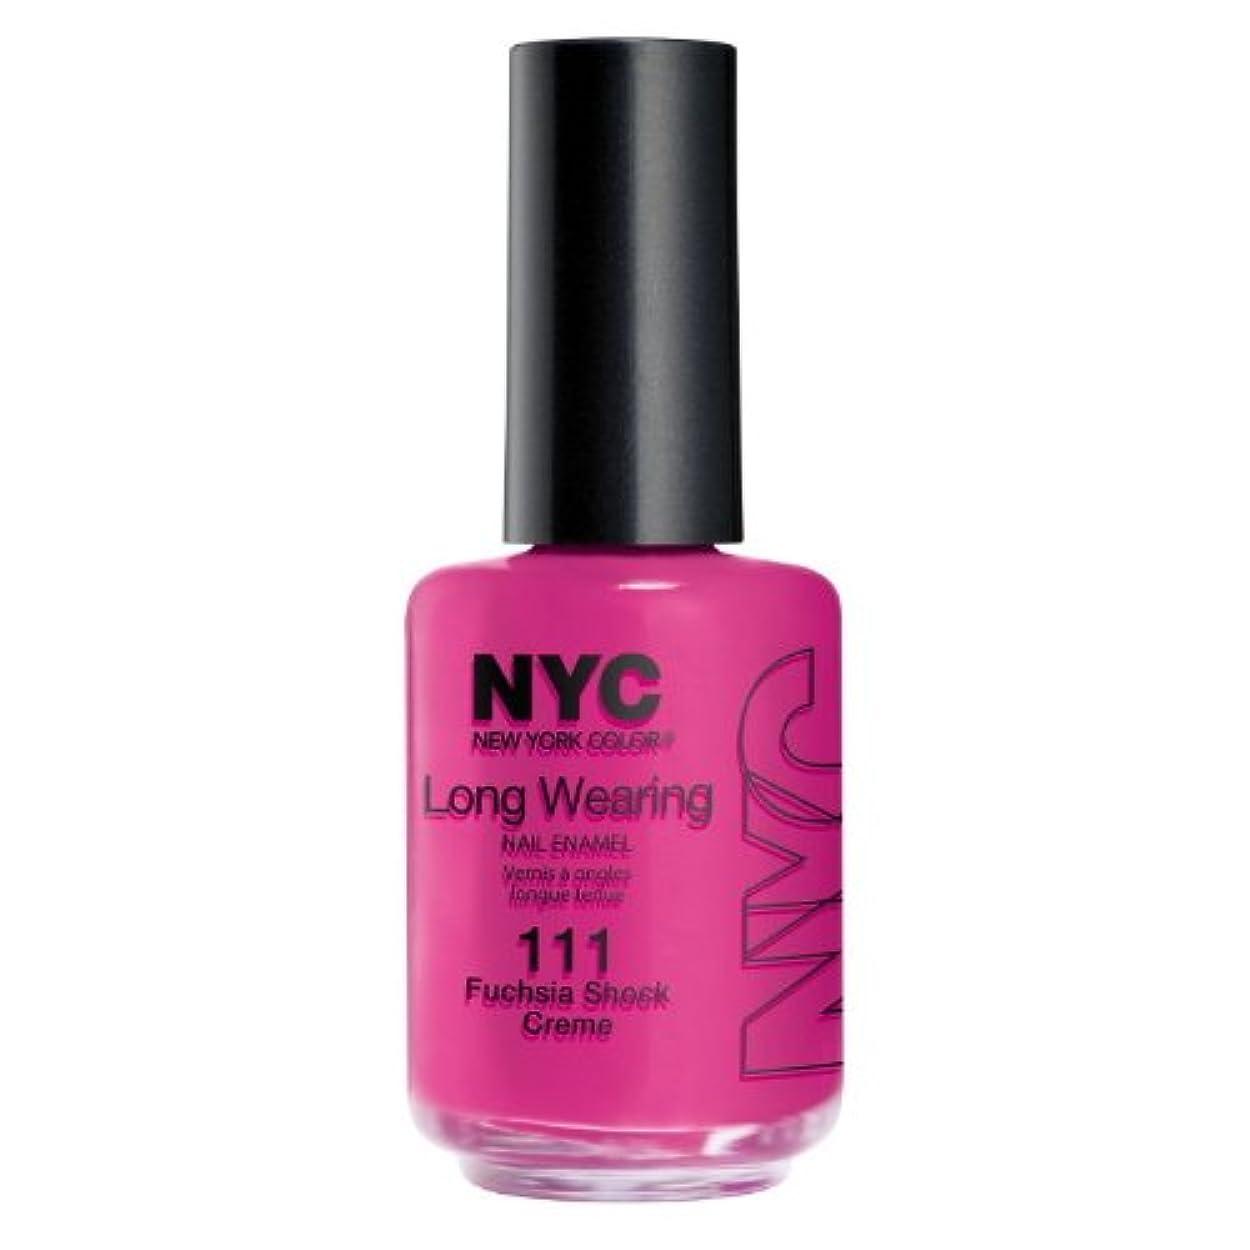 ワーカー保安宿る(6 Pack) NYC Long Wearing Nail Enamel - Fuchisia Shock Creme (並行輸入品)